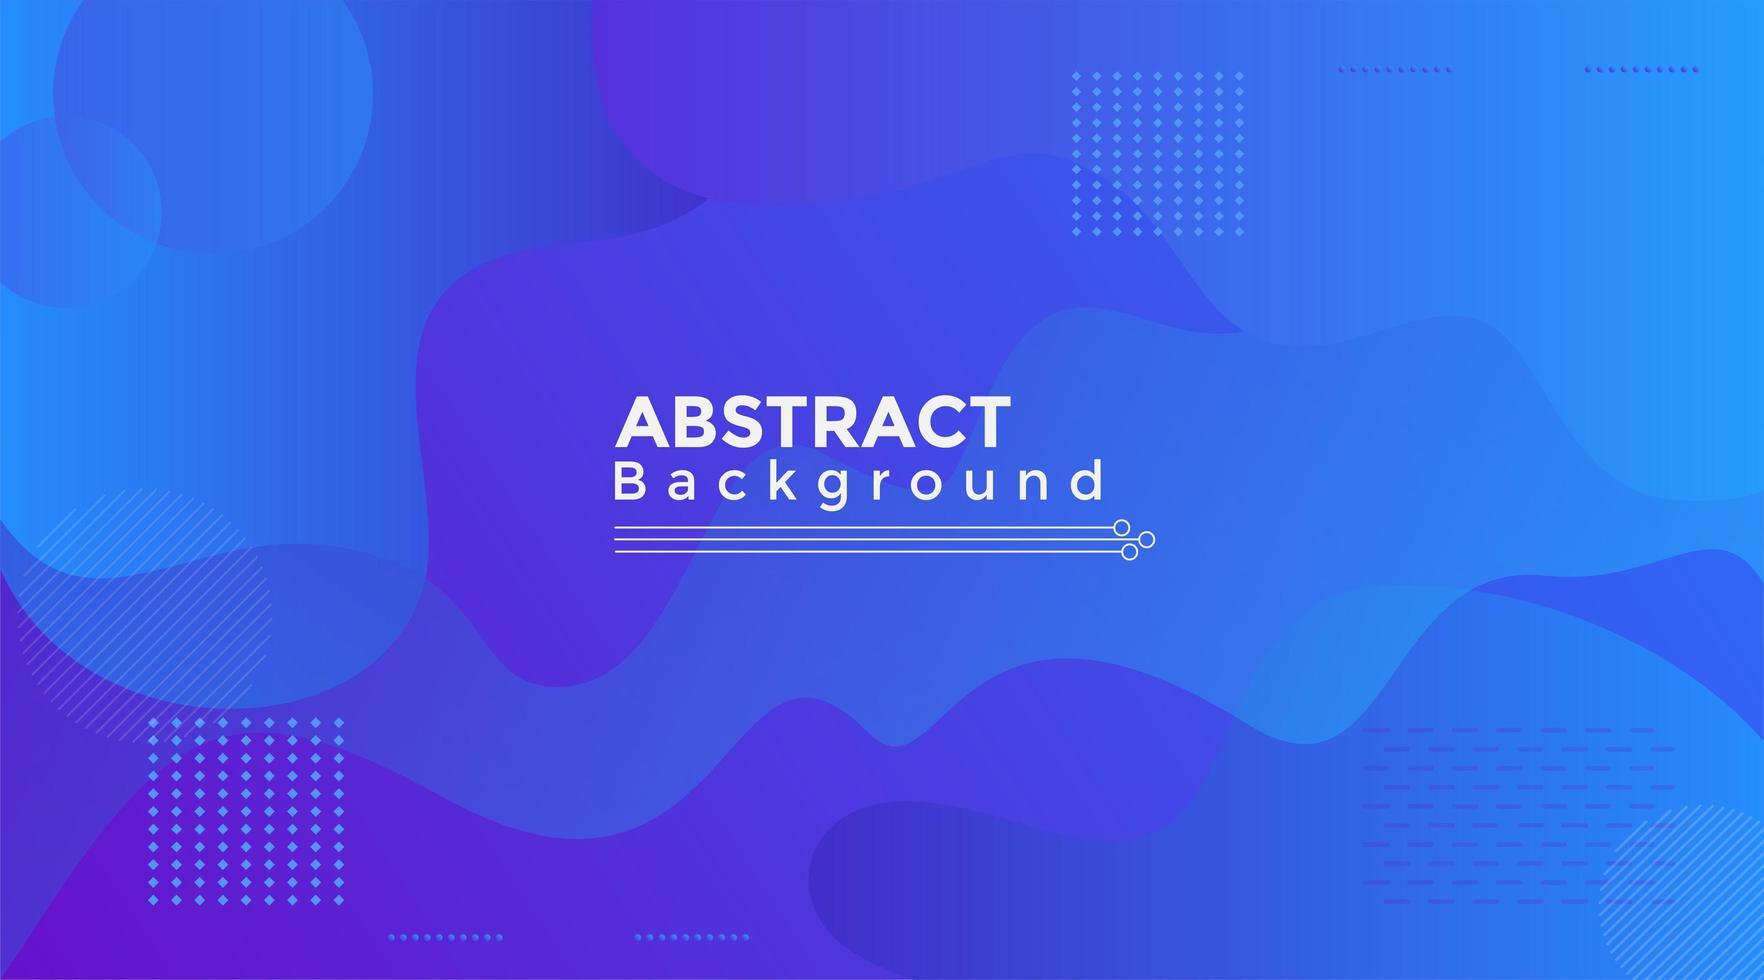 fließende abstrakte Form lila und blauer Hintergrund vektor